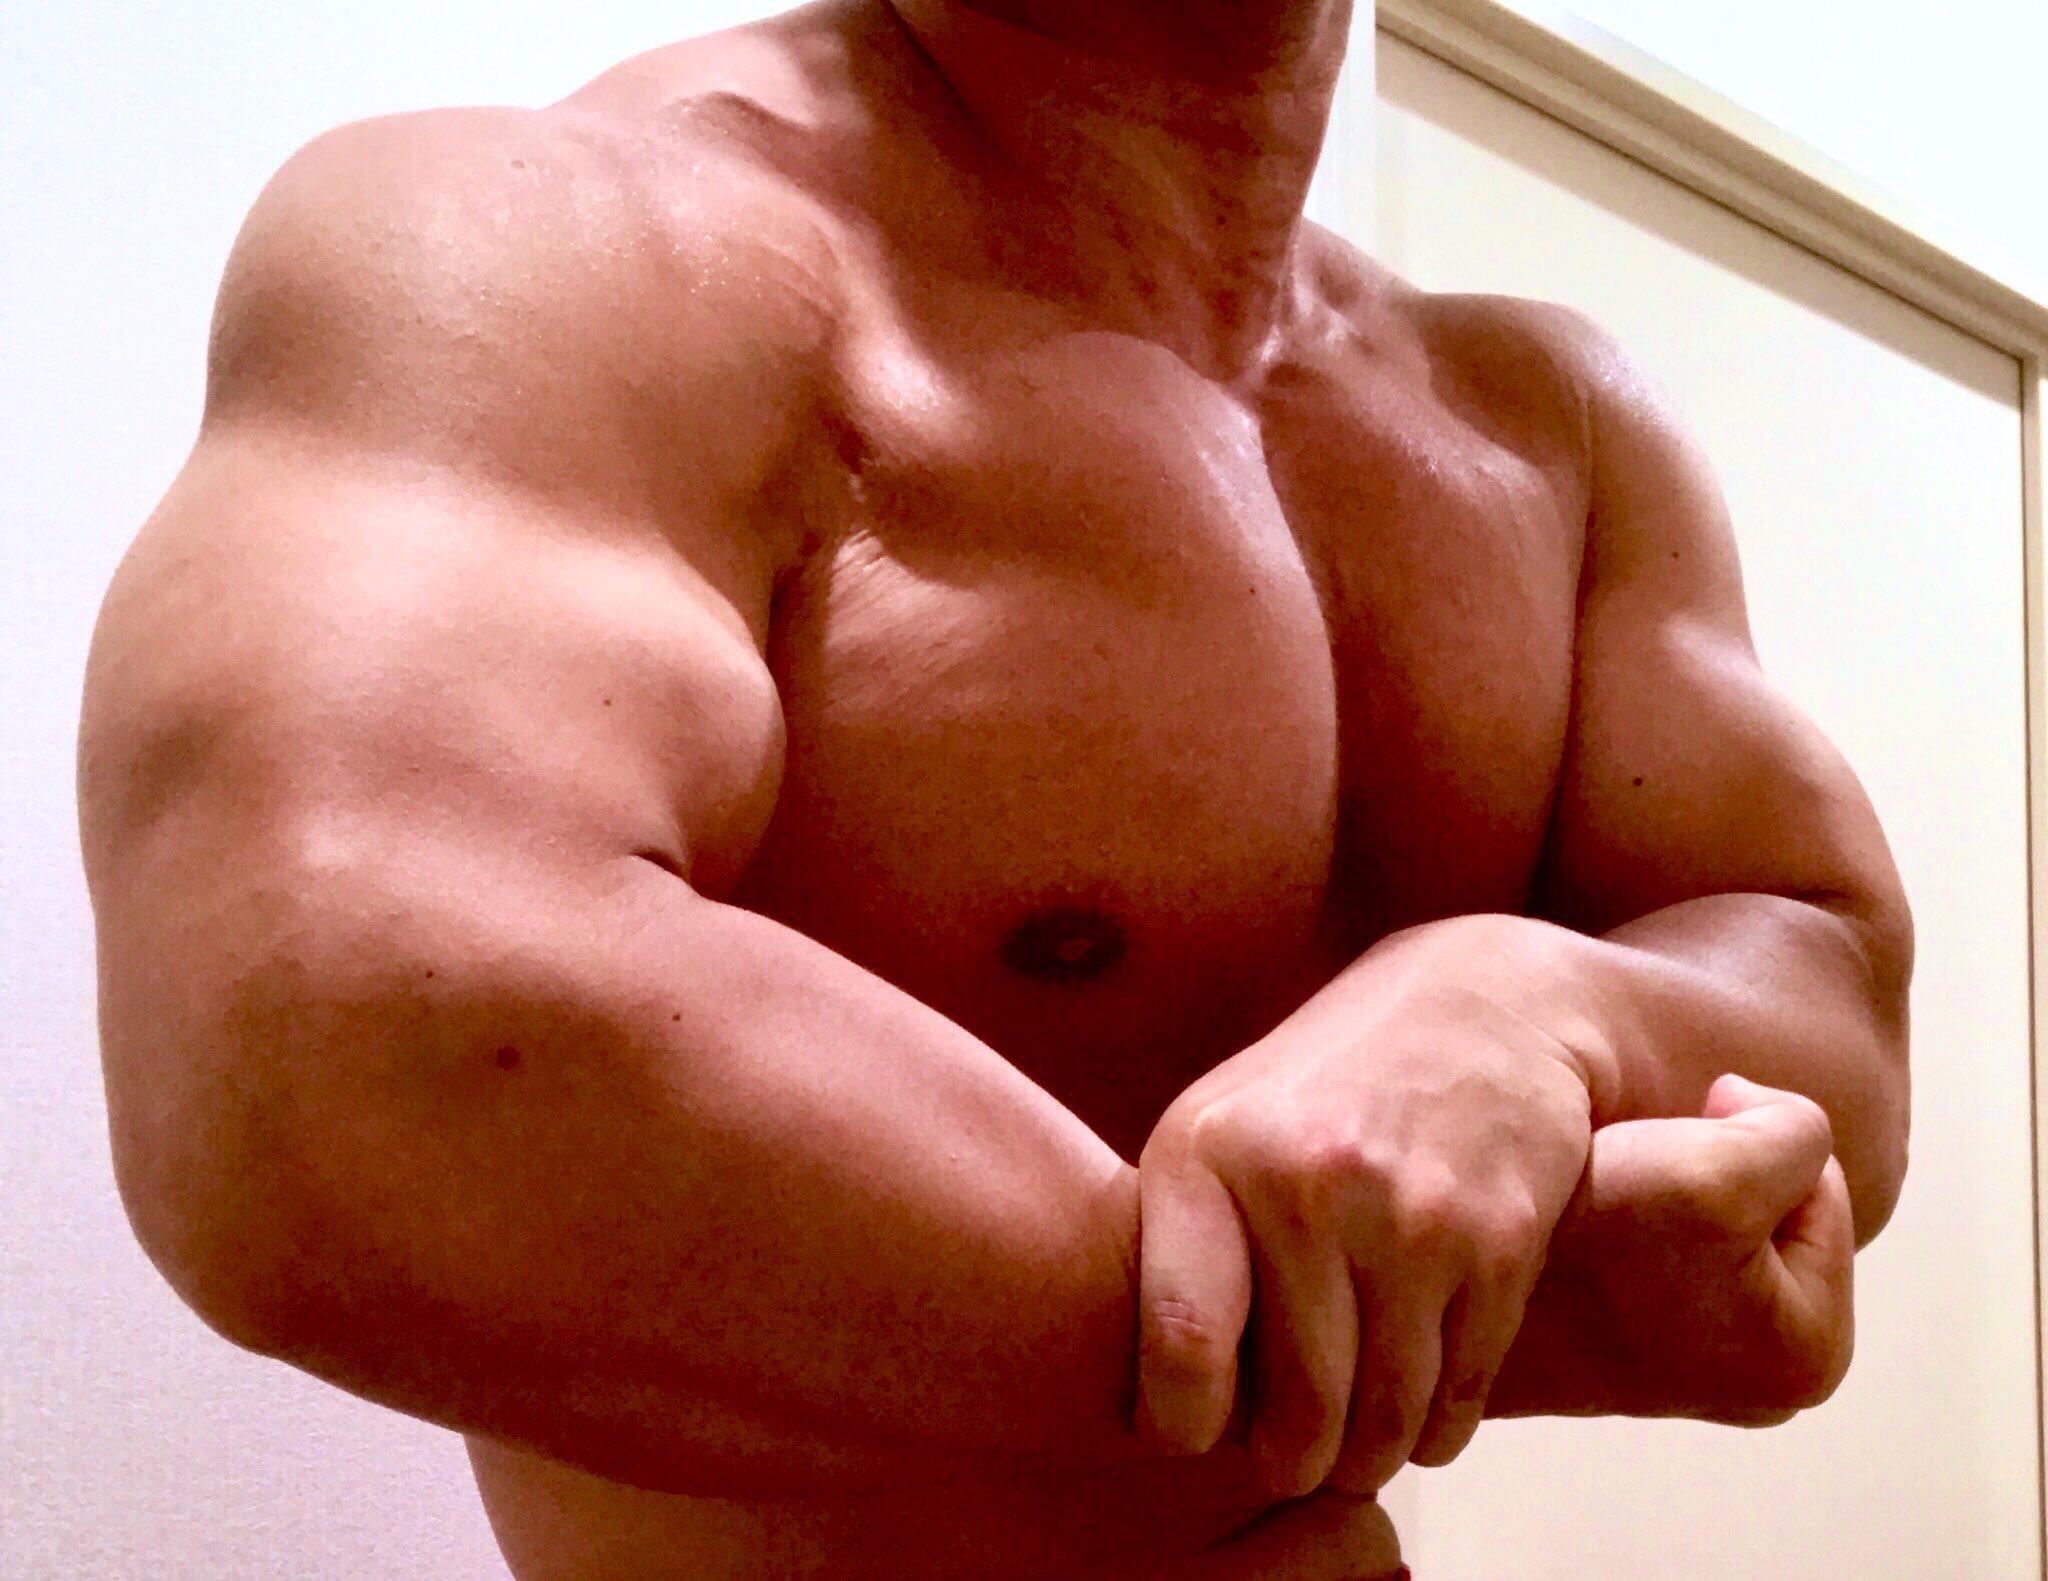 ワイ筋トレ好き、ベンチプレス 100kgが10発あがるようになって最高の気分